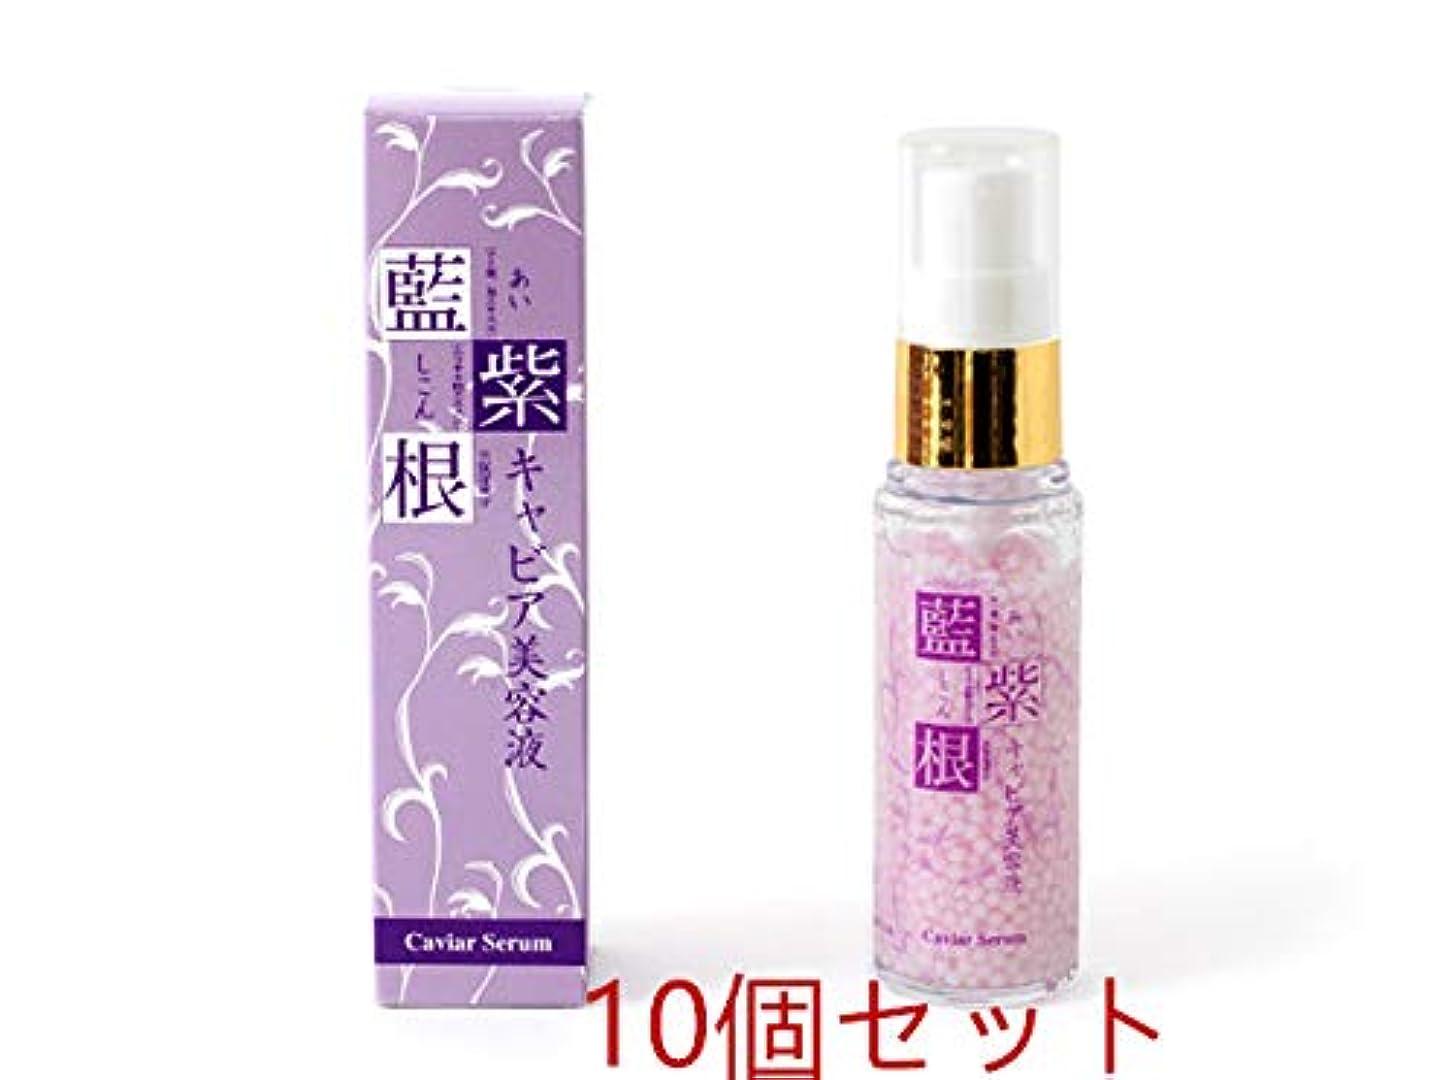 硬化するサイクロプスポーチ藍と紫根のキャビア美容液 30g 10個セット